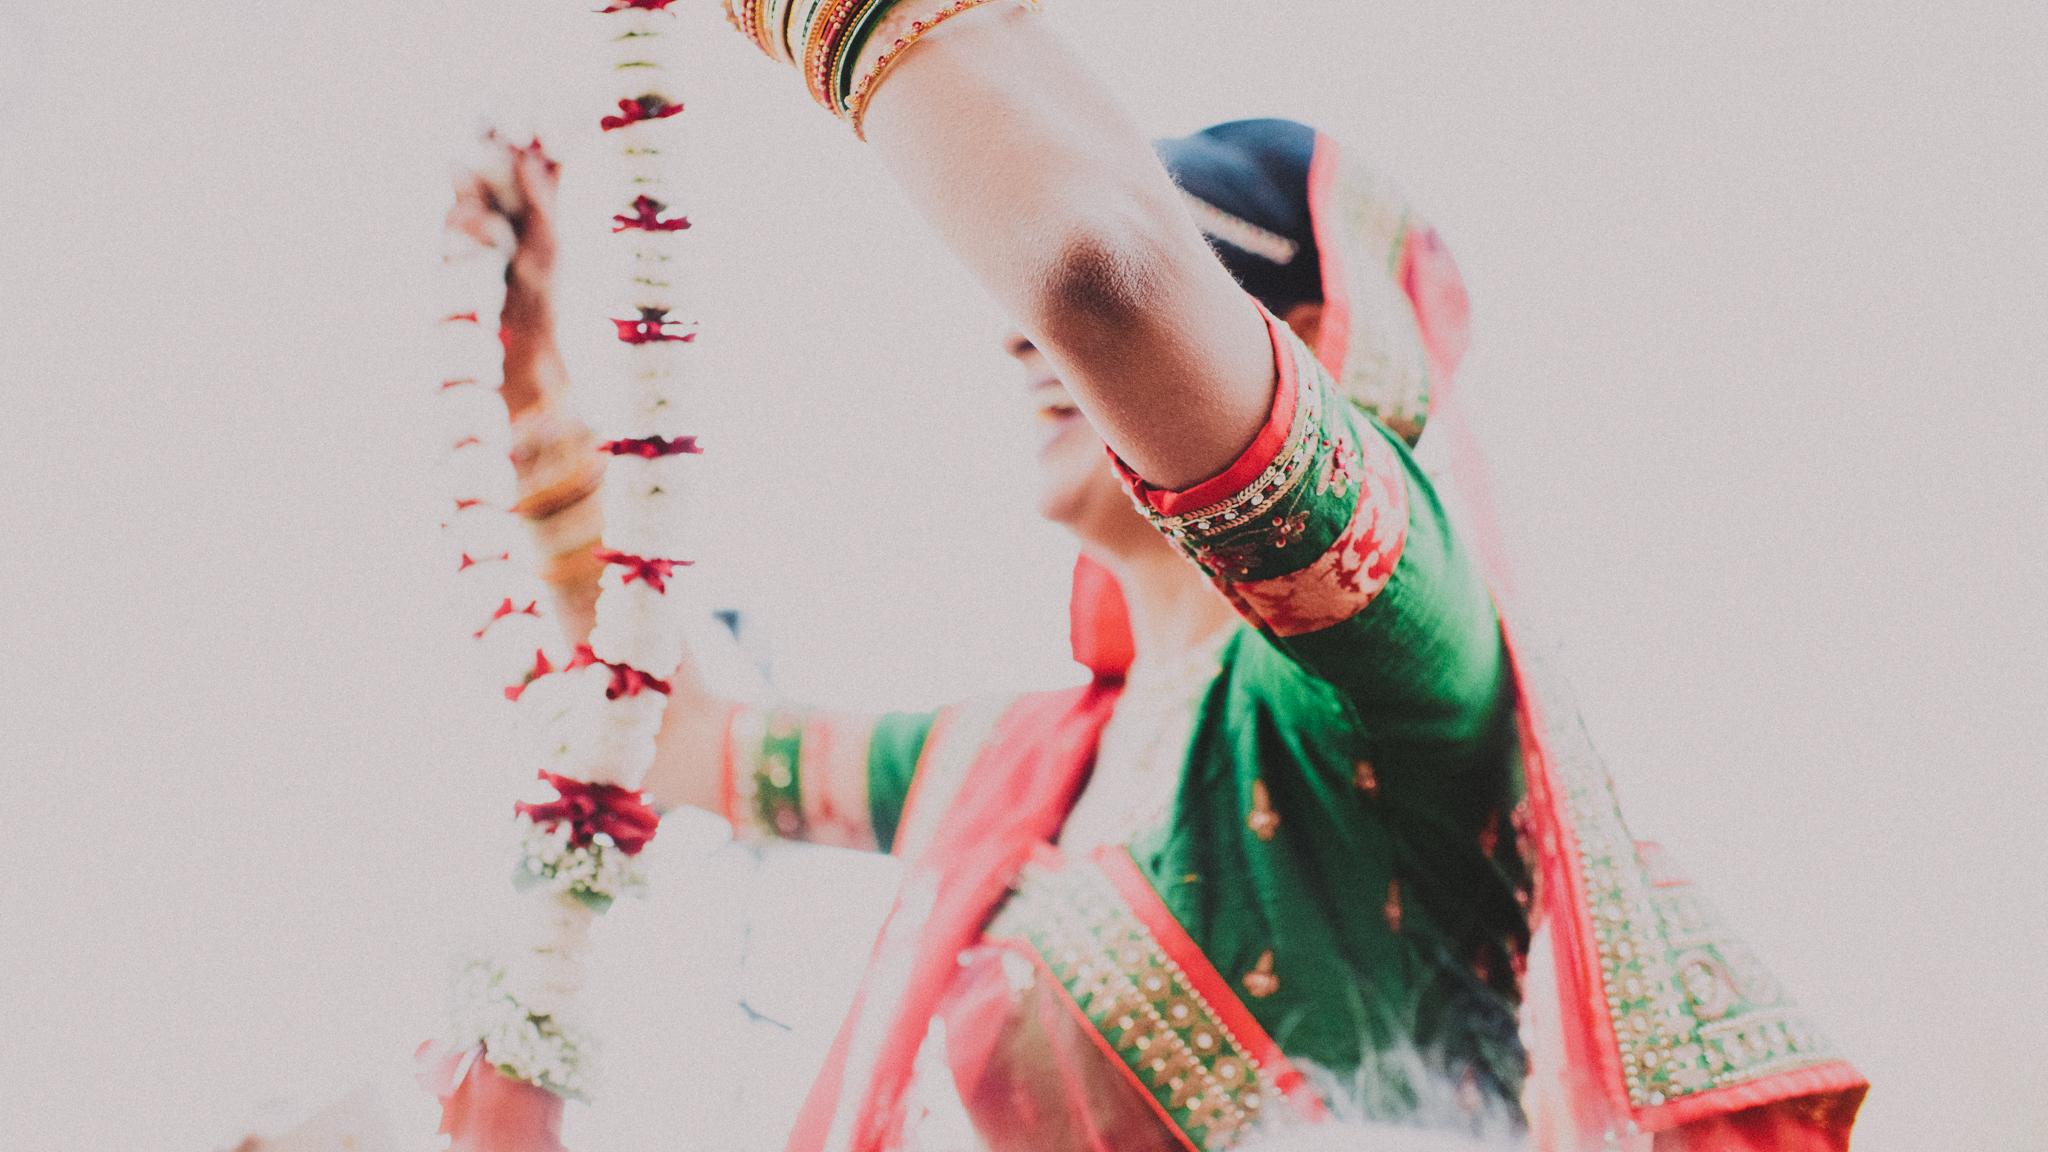 orlando_wedding_photographer_florida_gian_carlo_photography_026.jpg